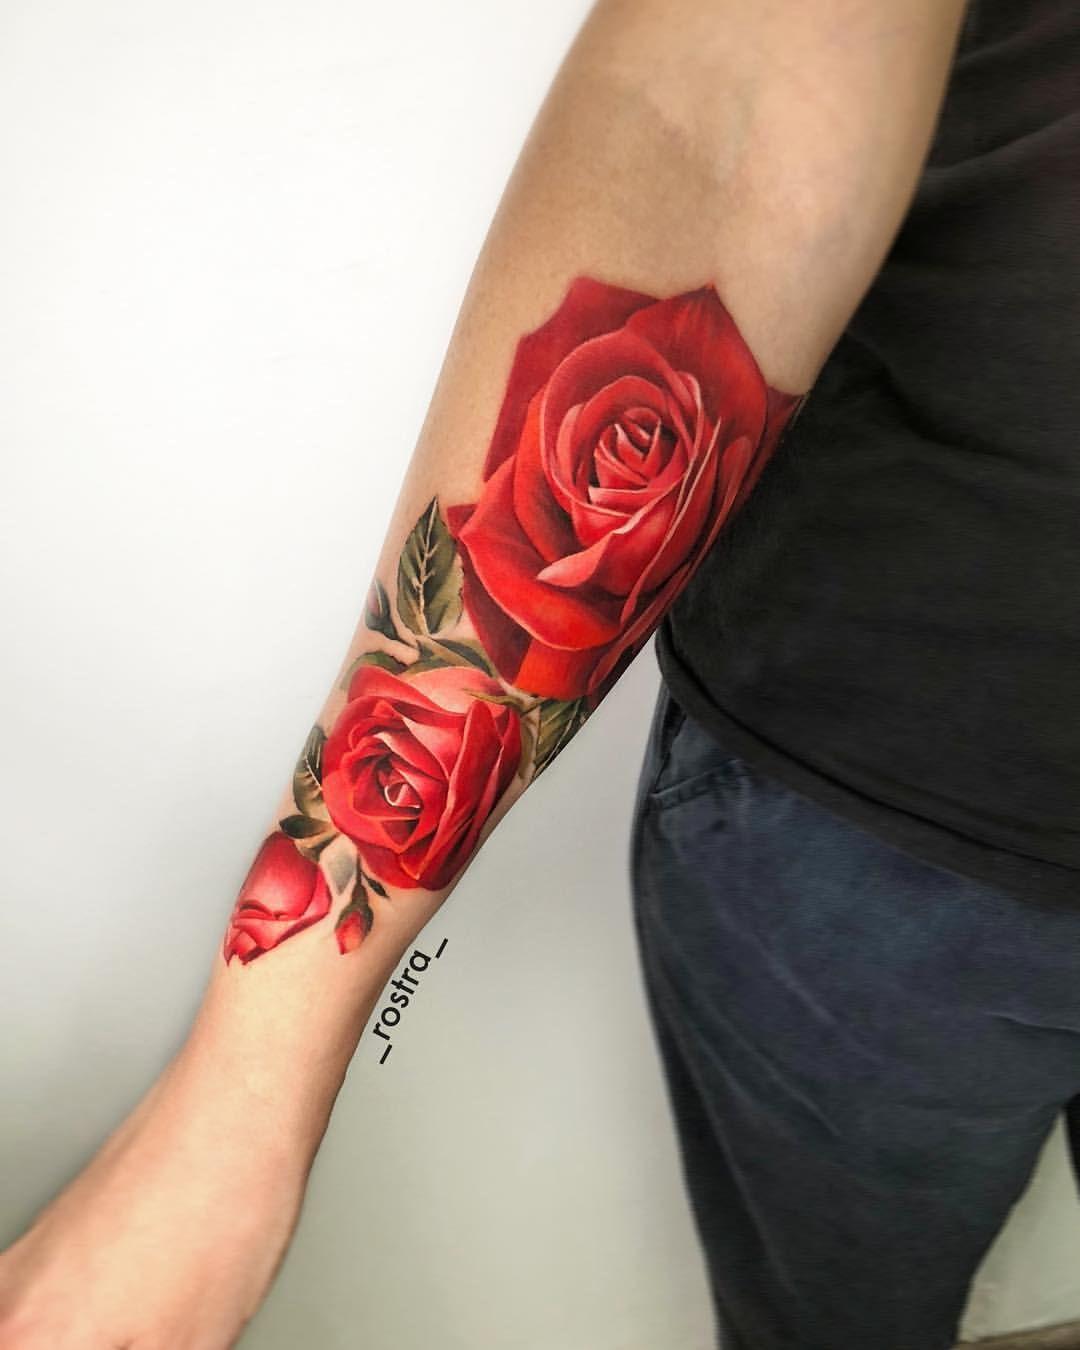 Antonina Troshina Rostra Instagram Posts Videos Stories Picoji Branch Of Roses Sponsors Rose Tattoo Sleeve Rose Tattoo Forearm Rose Tattoos